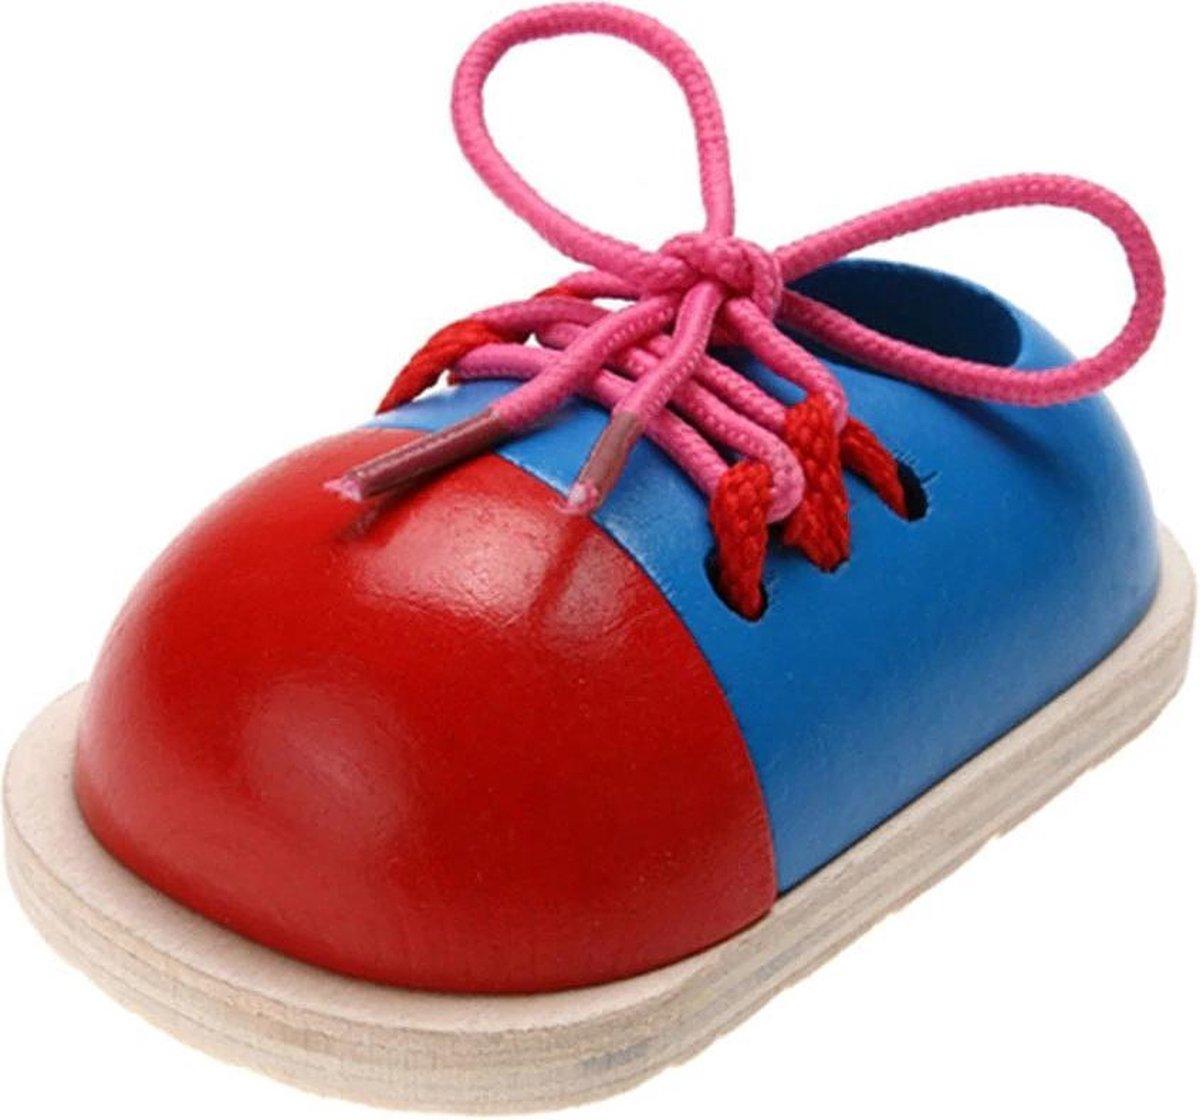 Montessori speelgoed Veterstrikken - Oefenschoen - Veters leren strikken - Educatief - Zelf leren - Houten schoen